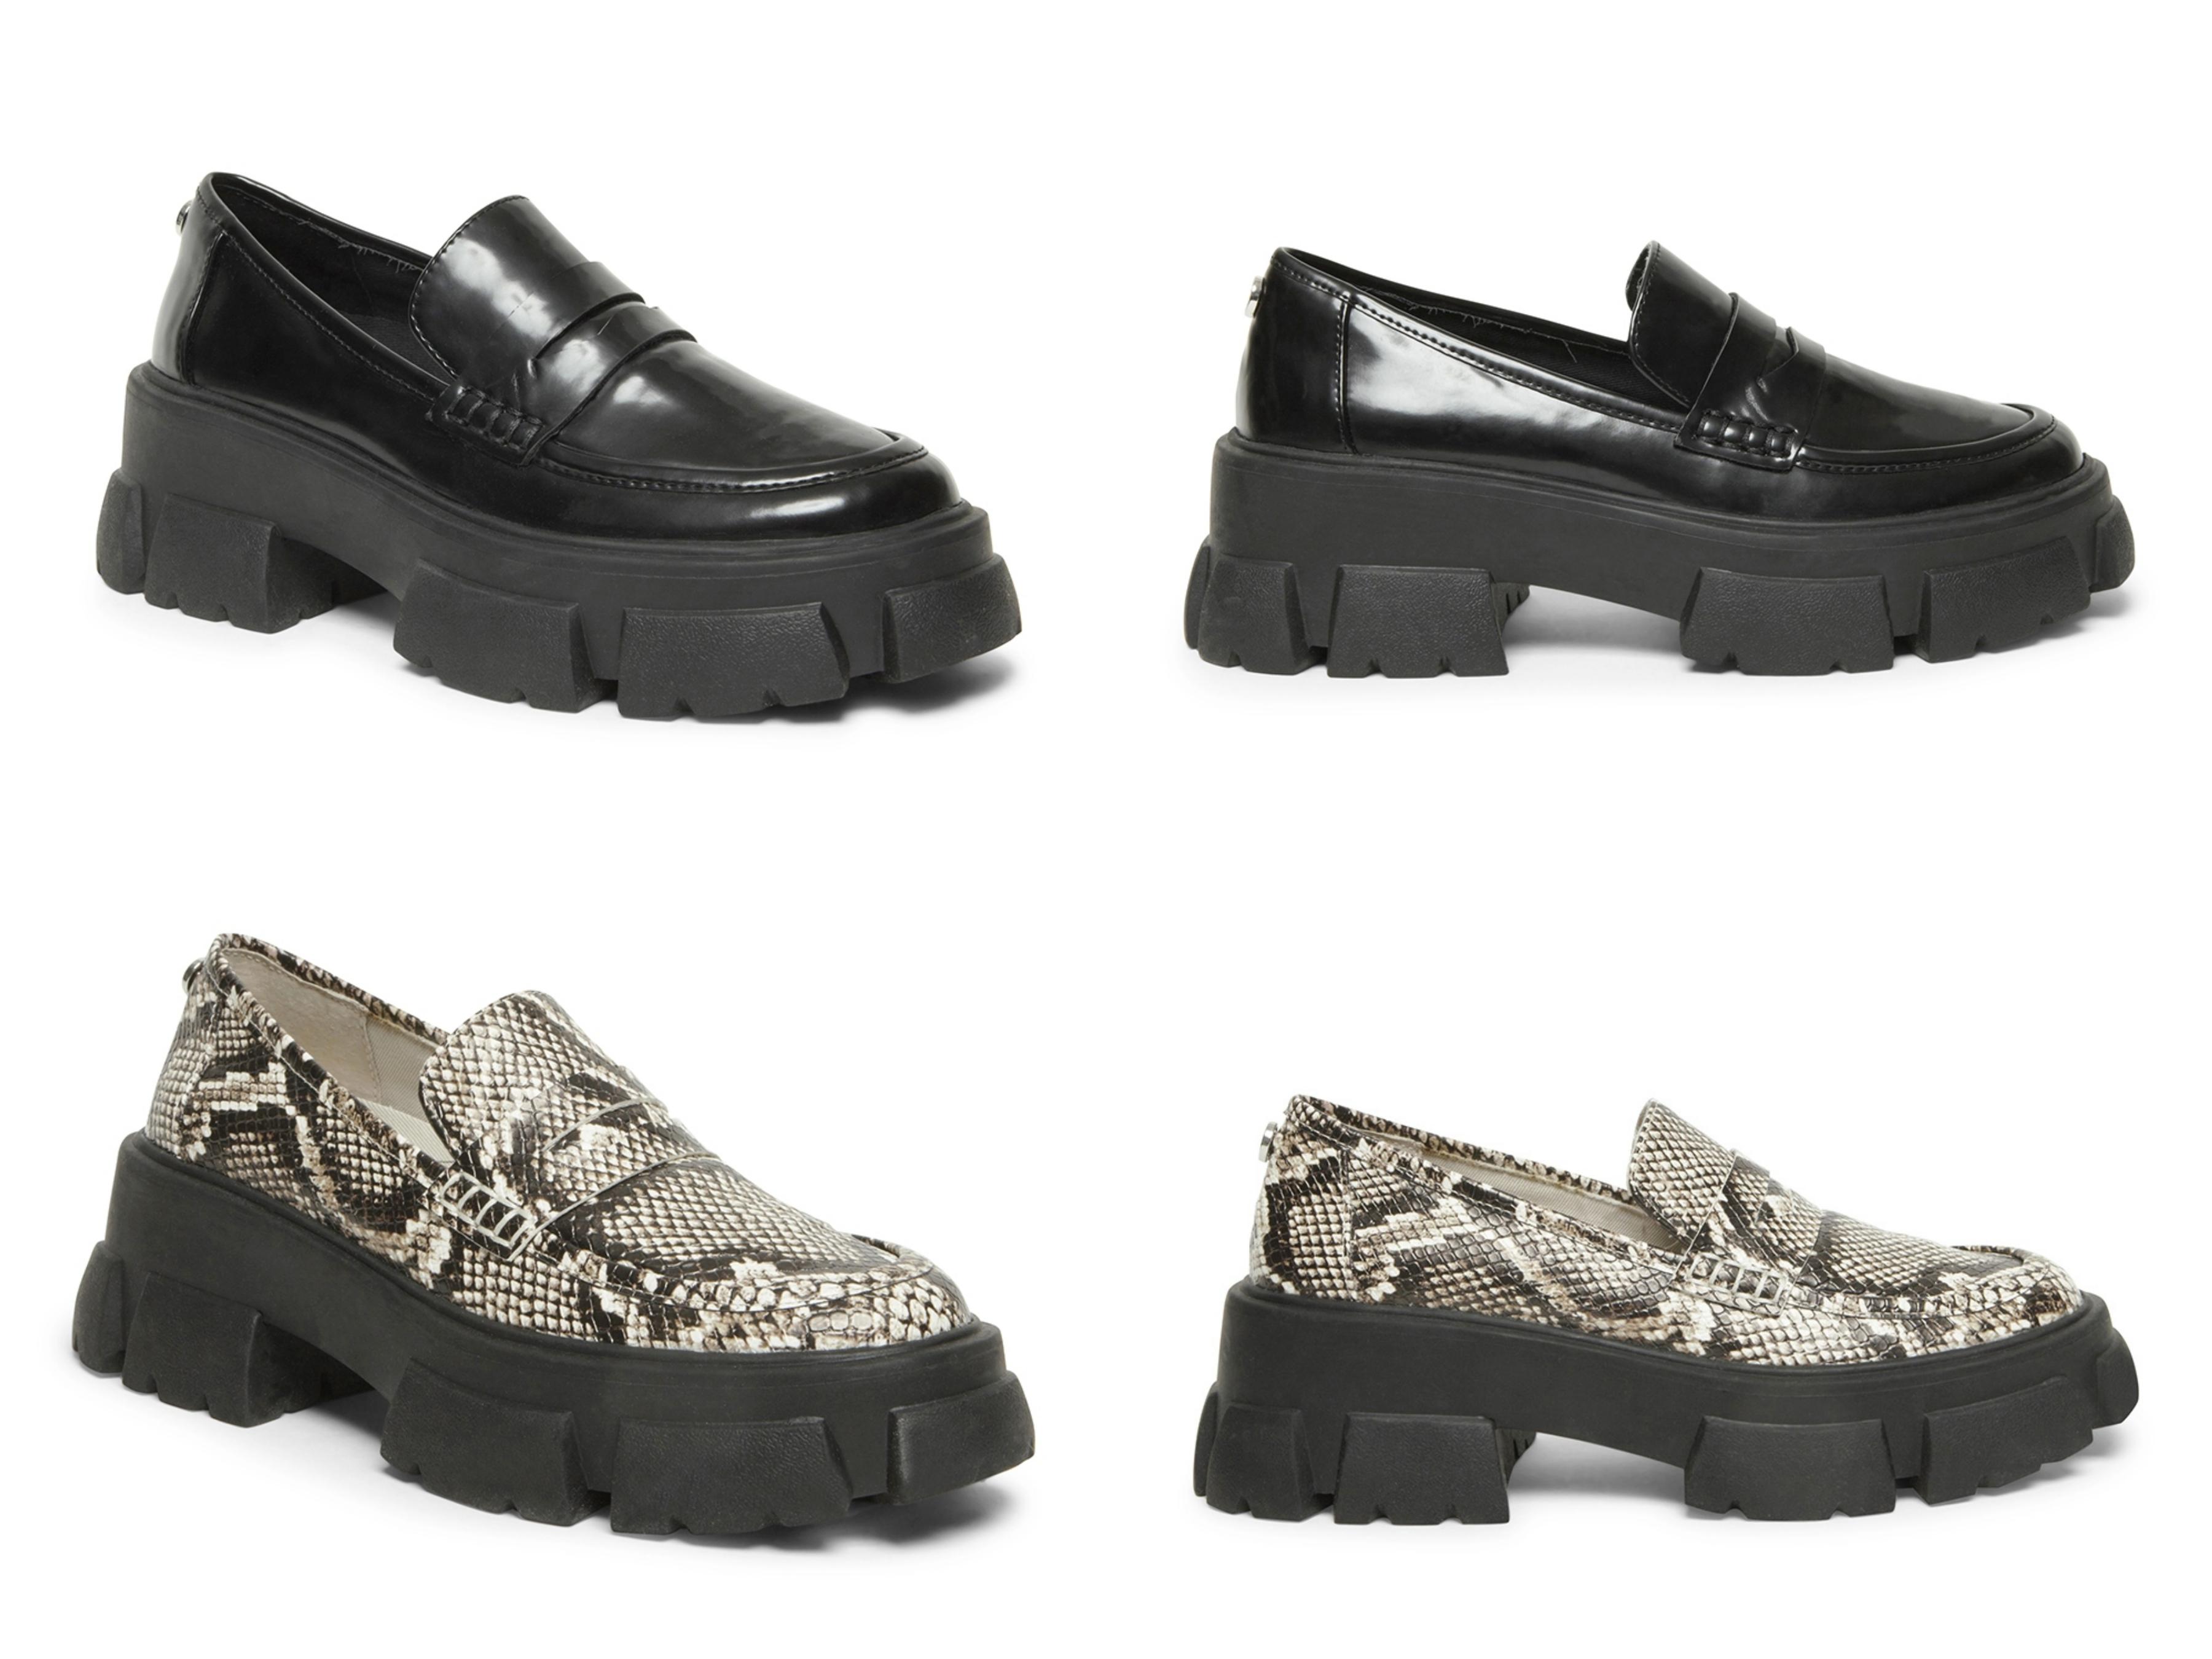 厚底帥氣造型修飾腿型拉長比例,讓英式牛津皮鞋一點都不單調